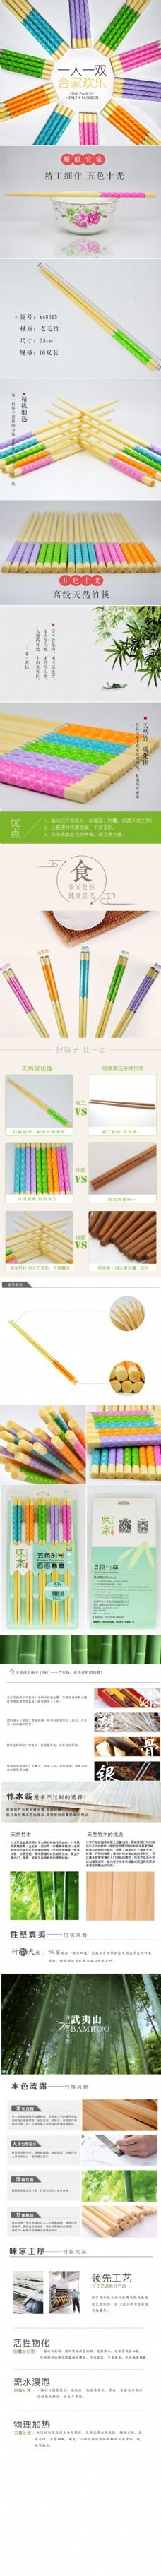 餐具 筷子详情  生活用品